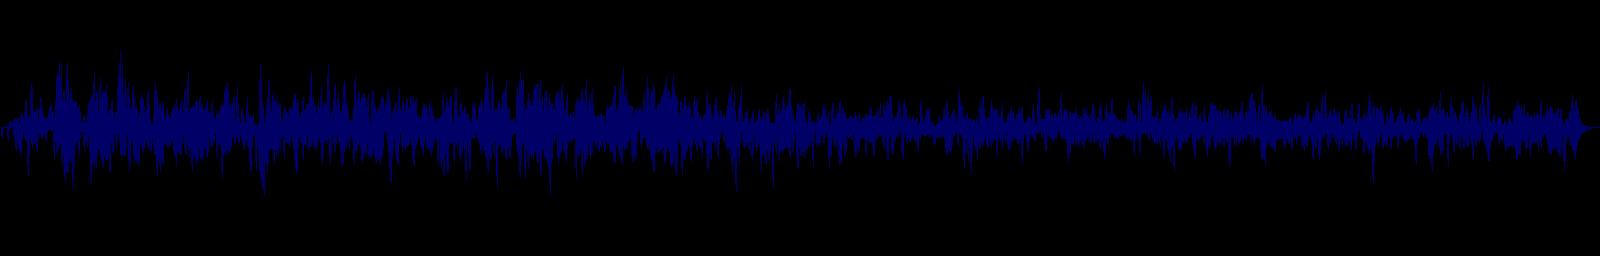 waveform of track #134700